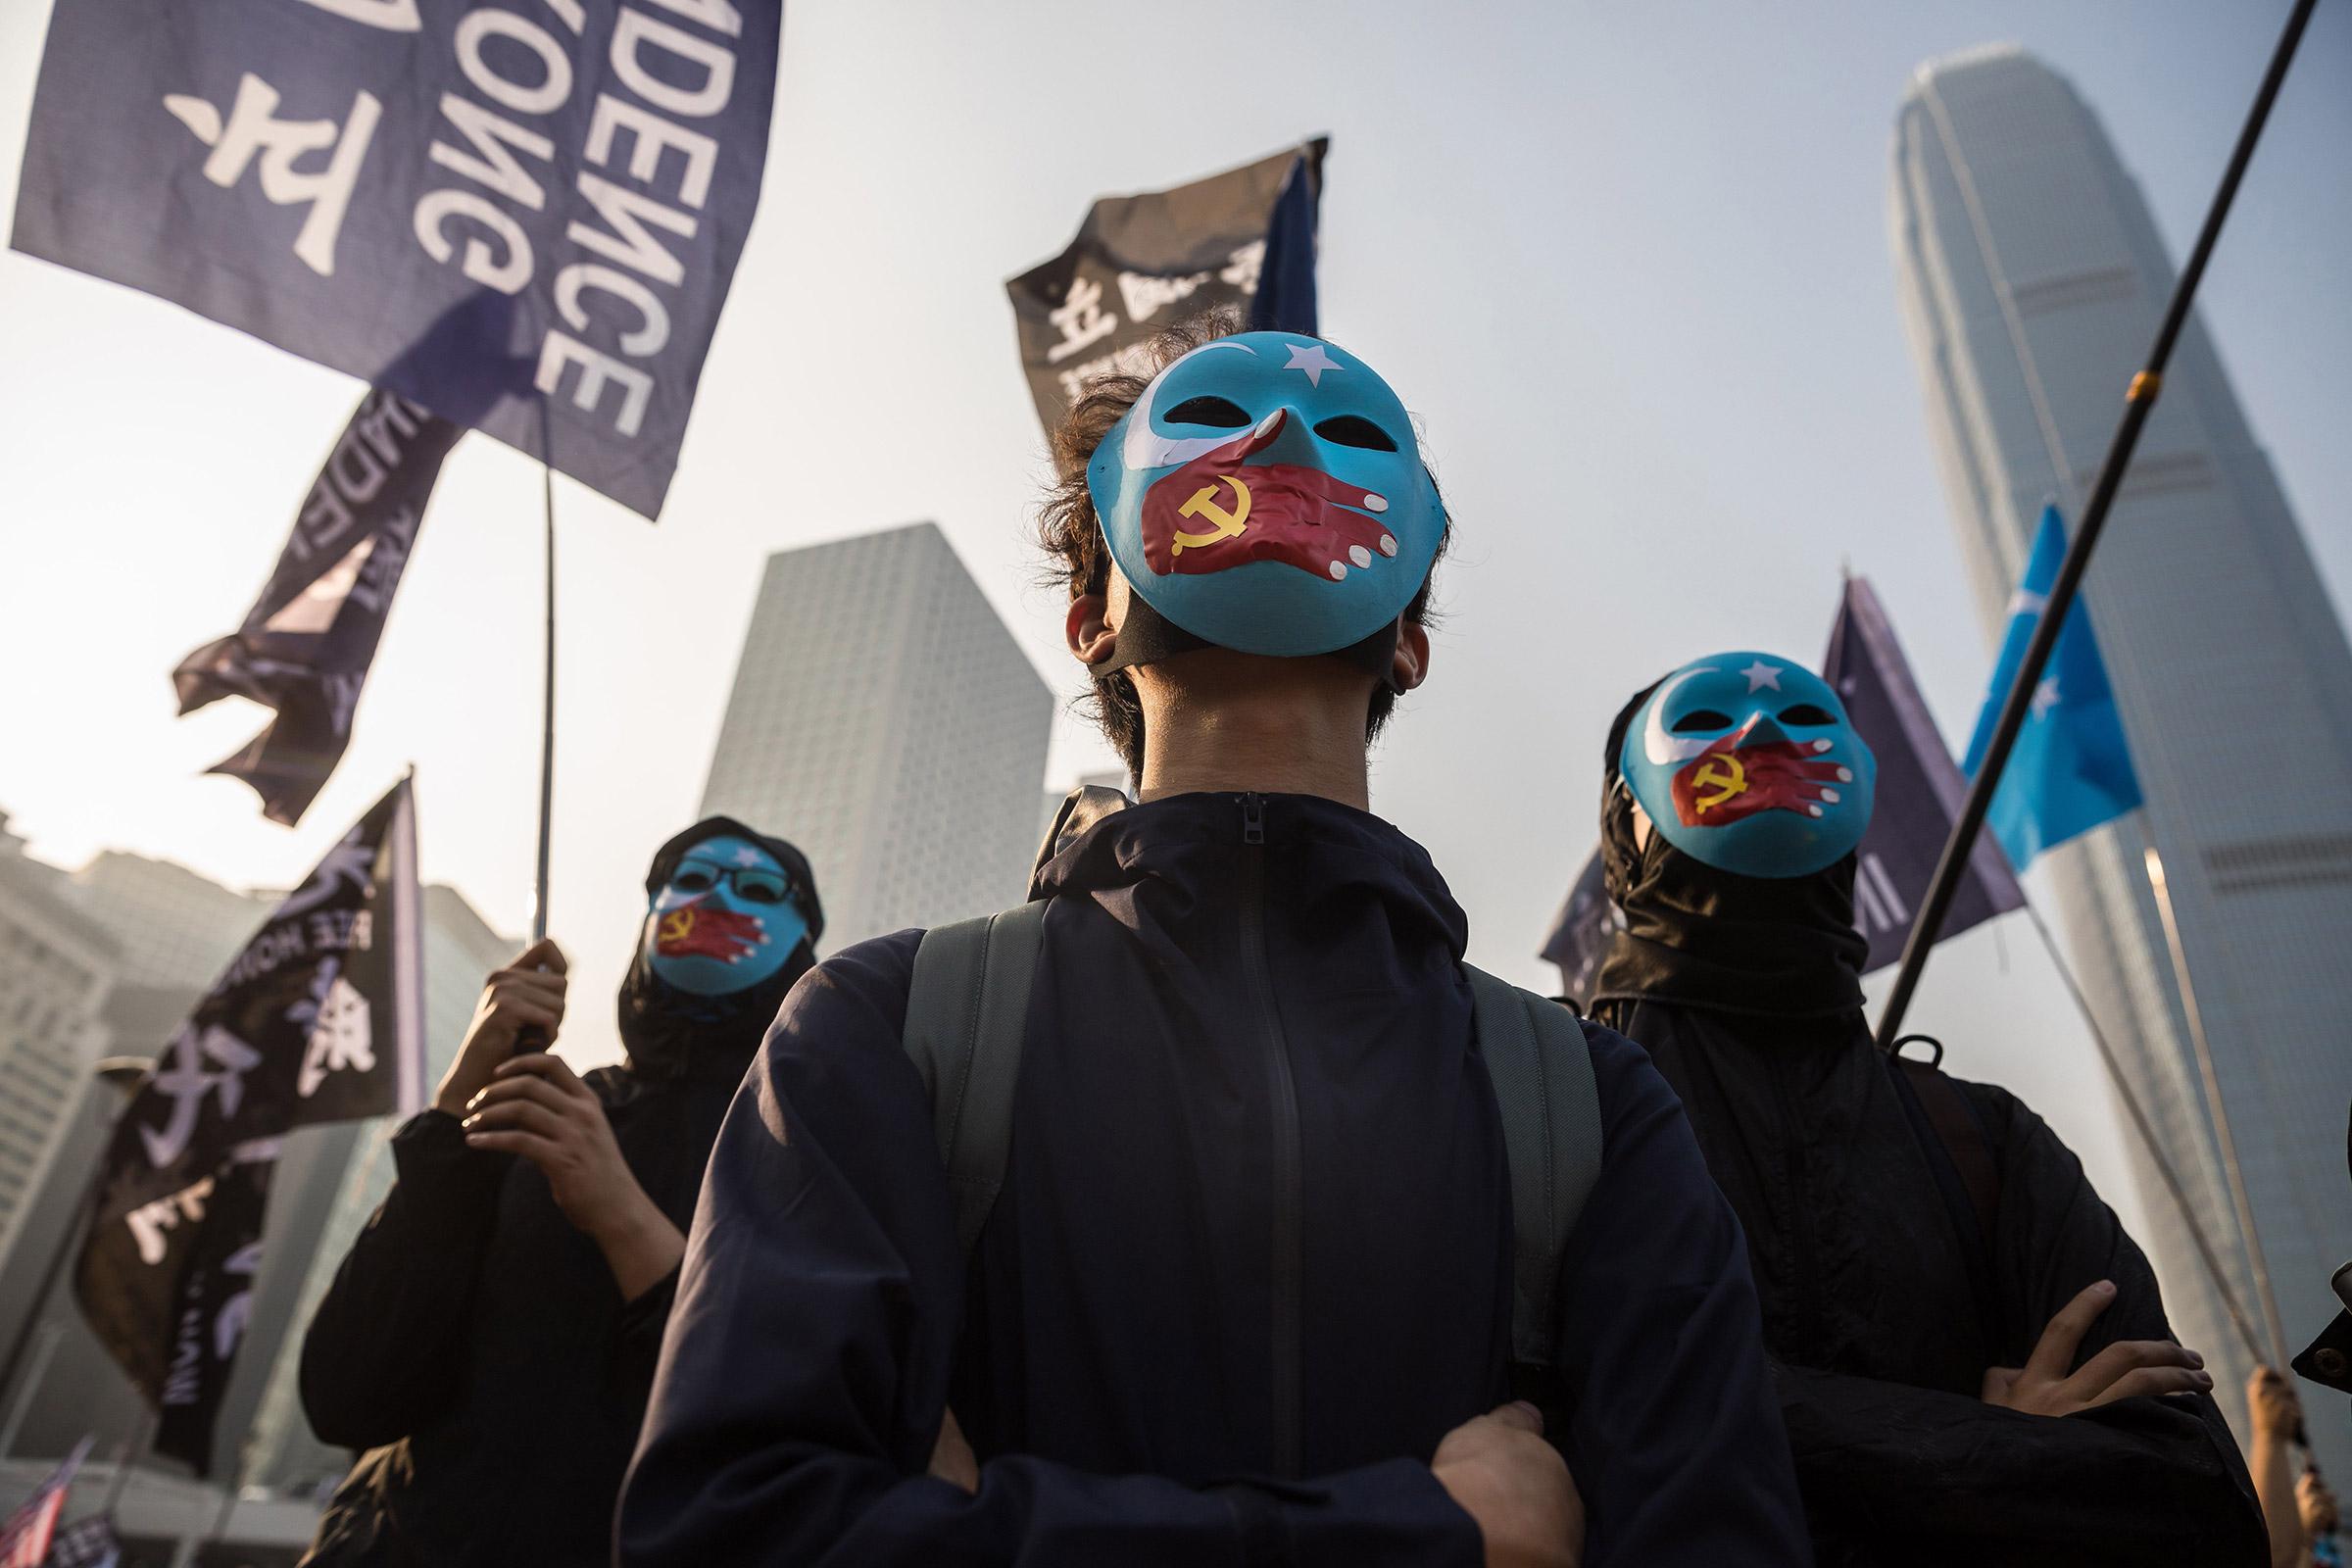 خبراء أمميون يطالبون باتخاذ إجراءات دولية لحماية الحقوق في الصين